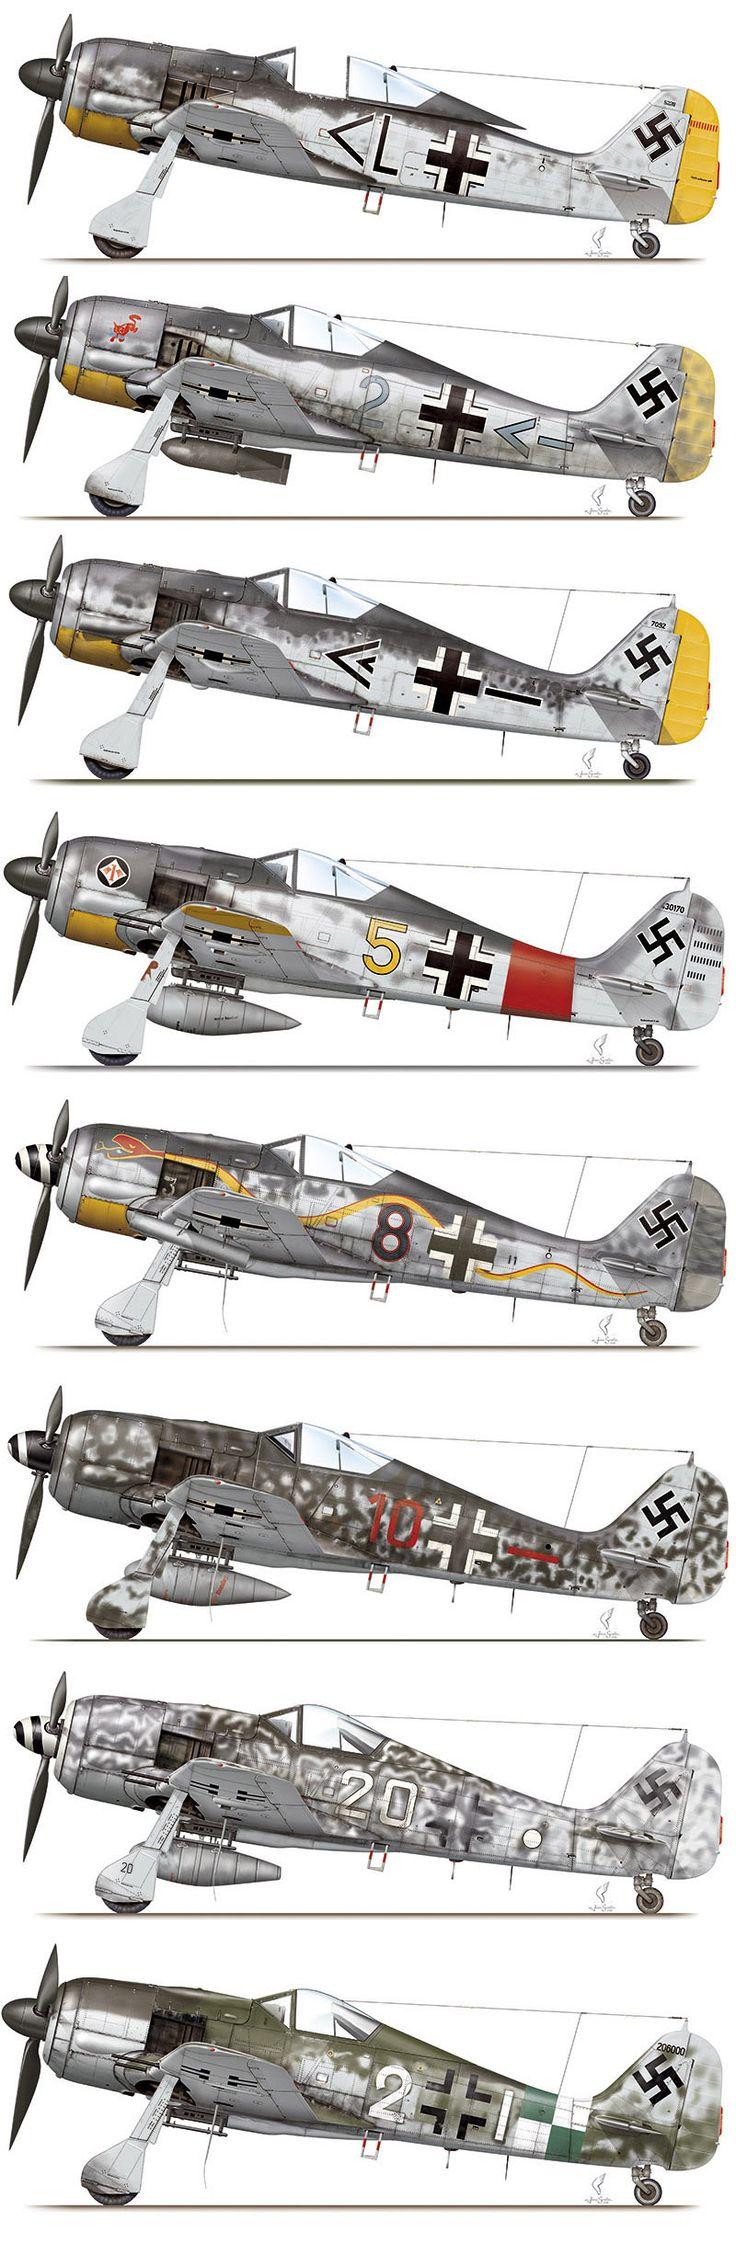 1939-49 Focke-Wulf FW 190. Luftwaffe, HAF, TAF - Fighter. Engine: Junkers Jumo…